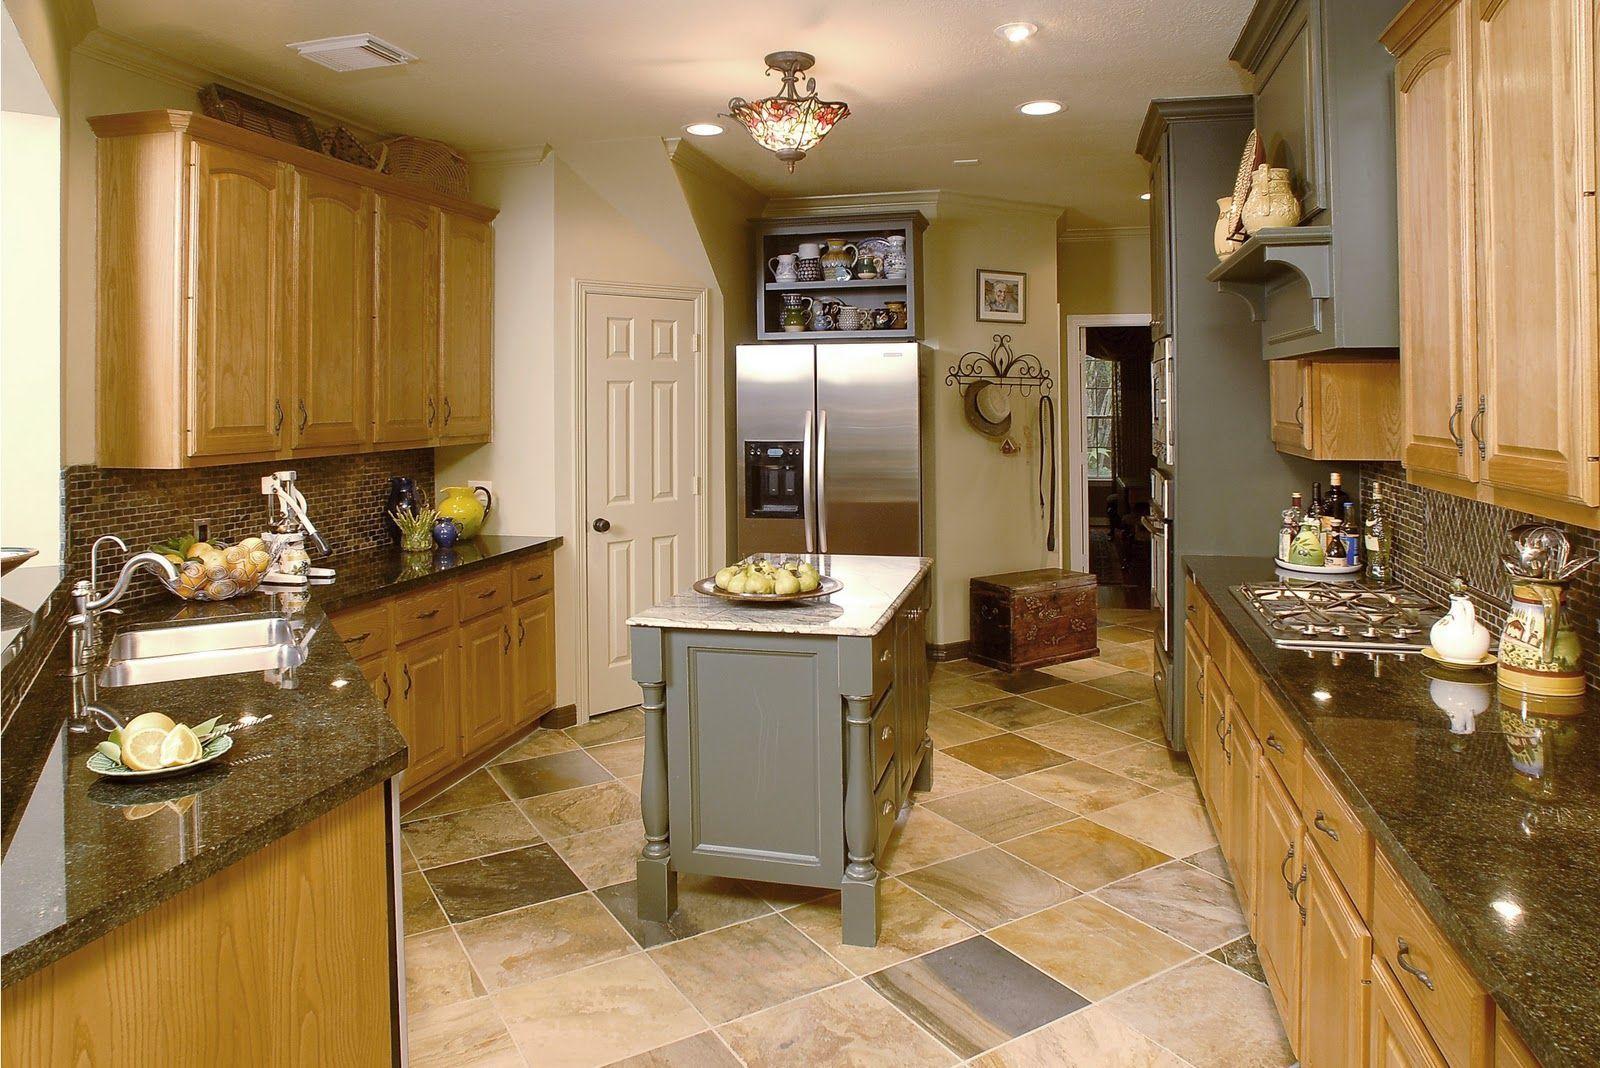 10+ Uplifting Rustic Counter Top Light Fixtures Ideas